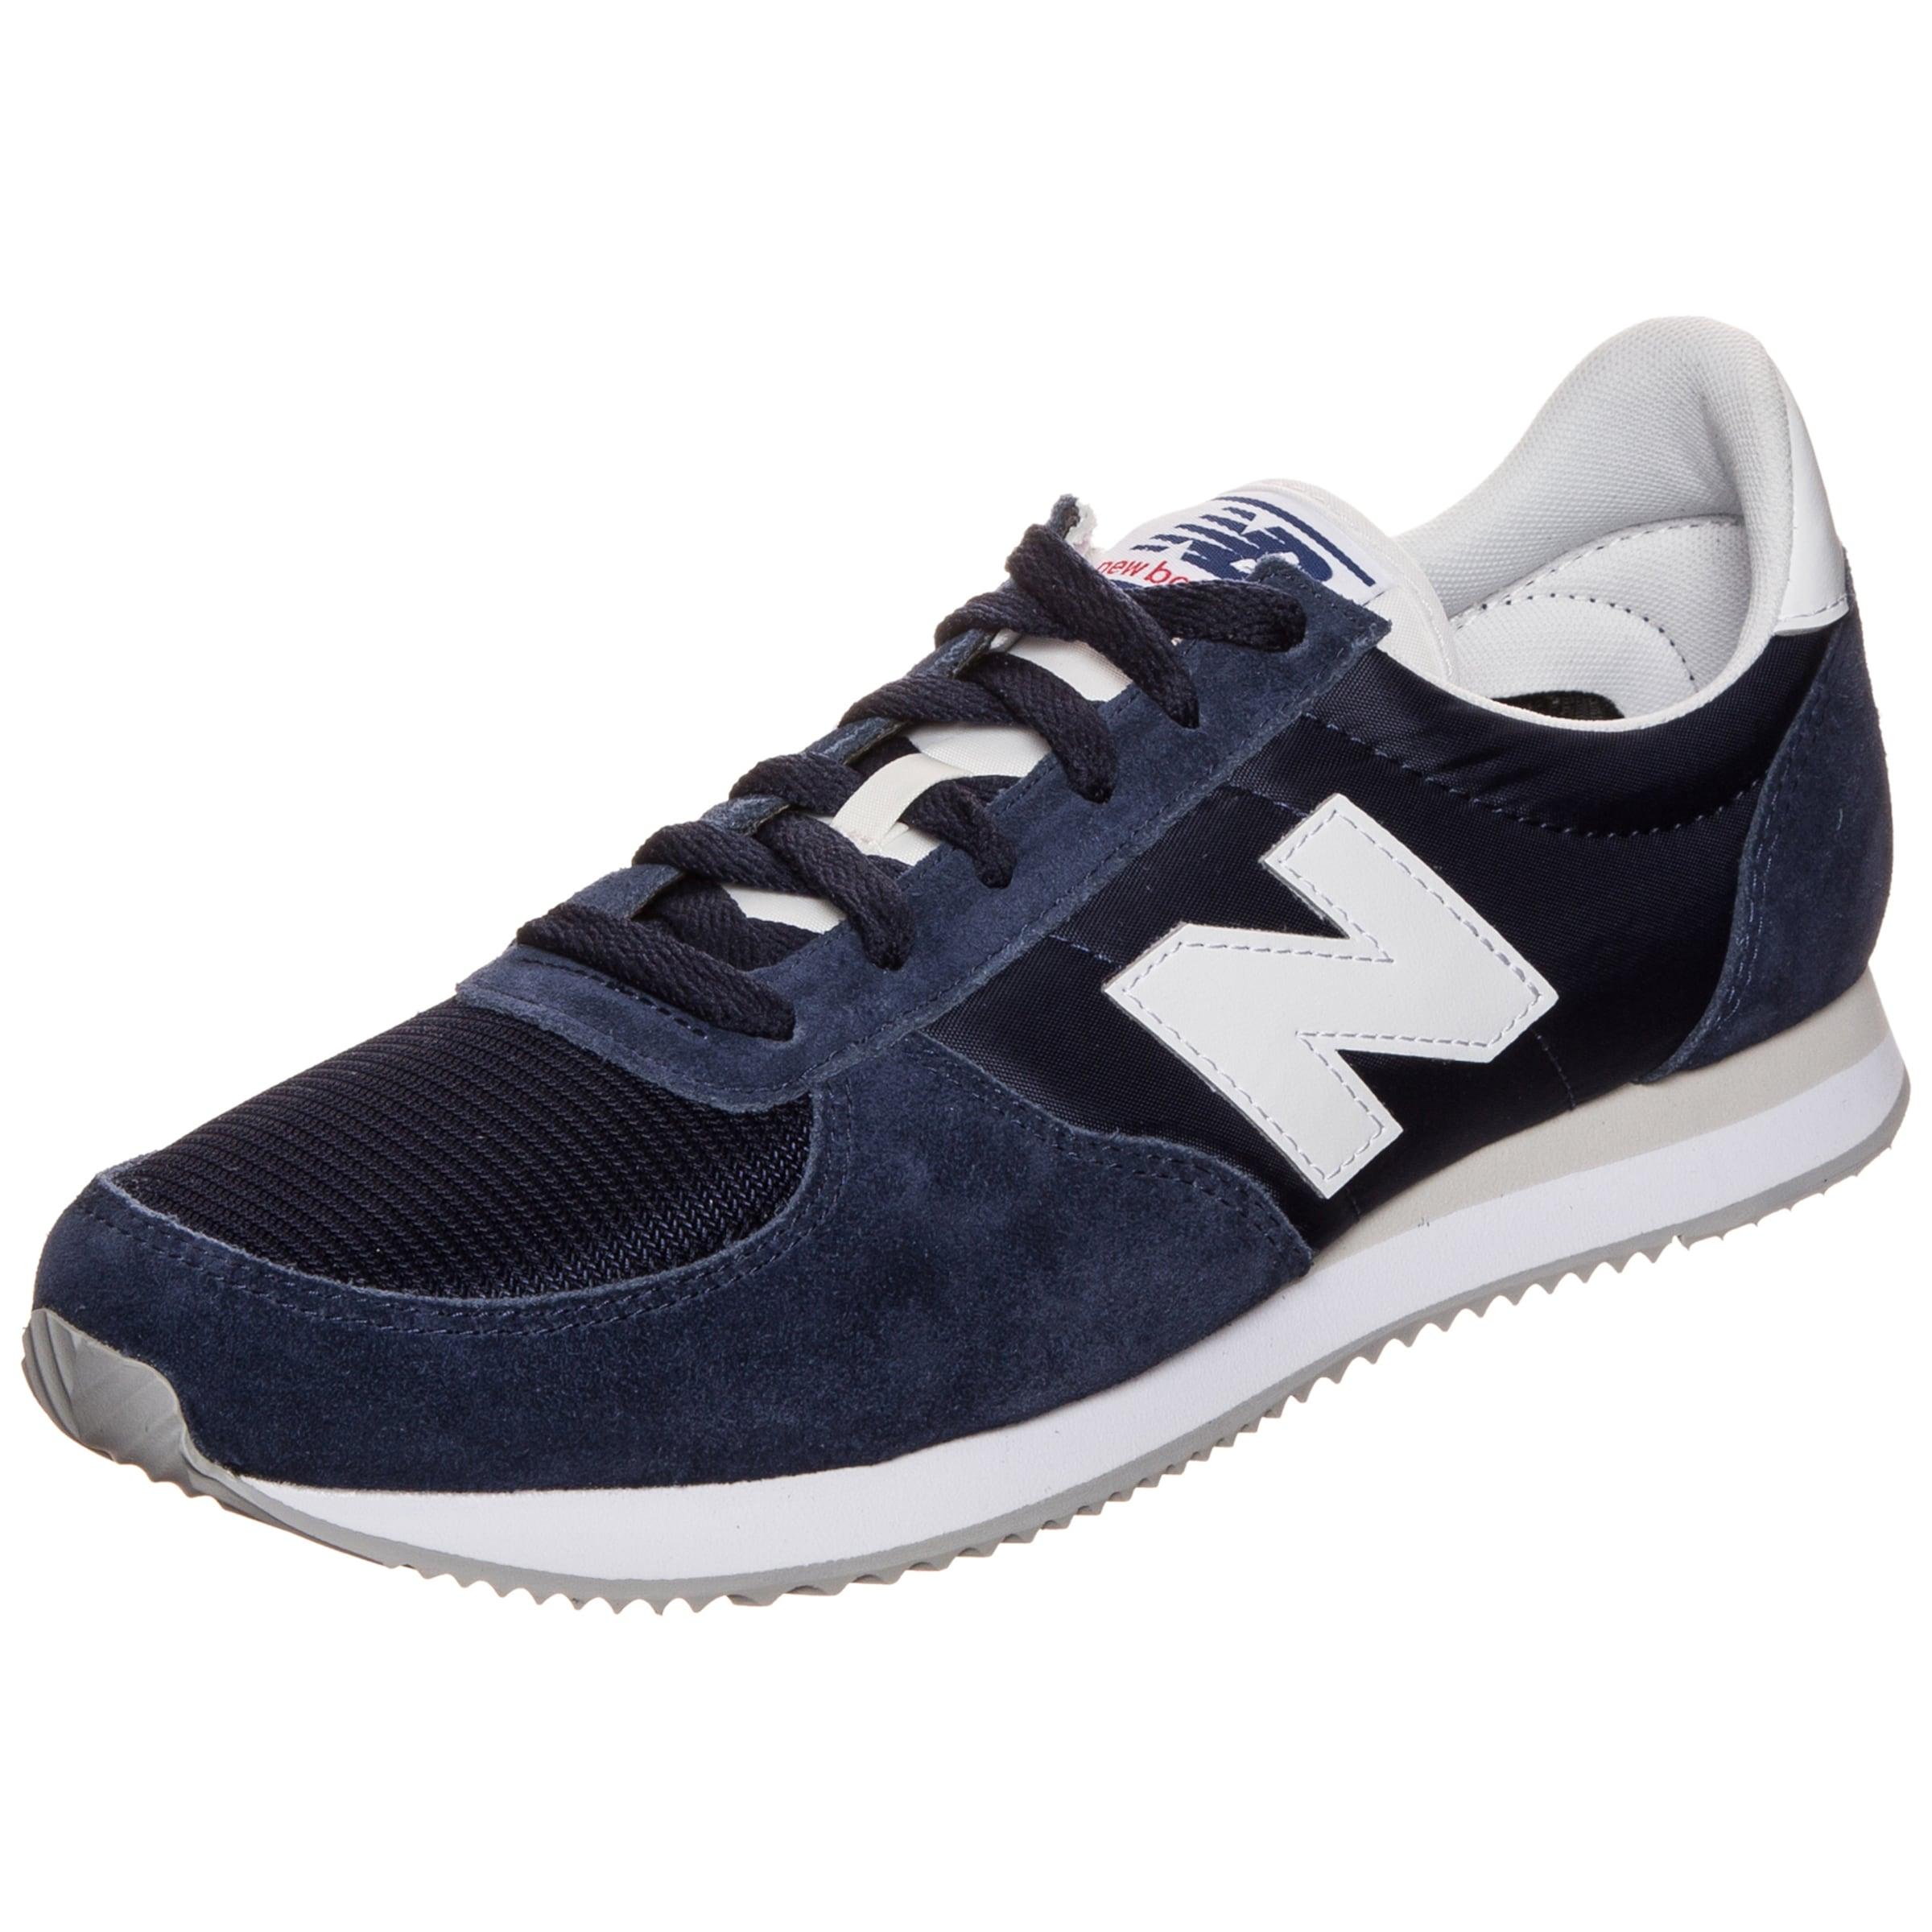 Haltbare Mode billige Schuhe new balance   'U220-NV-D' Sneaker Schuhe Gut getragene Schuhe